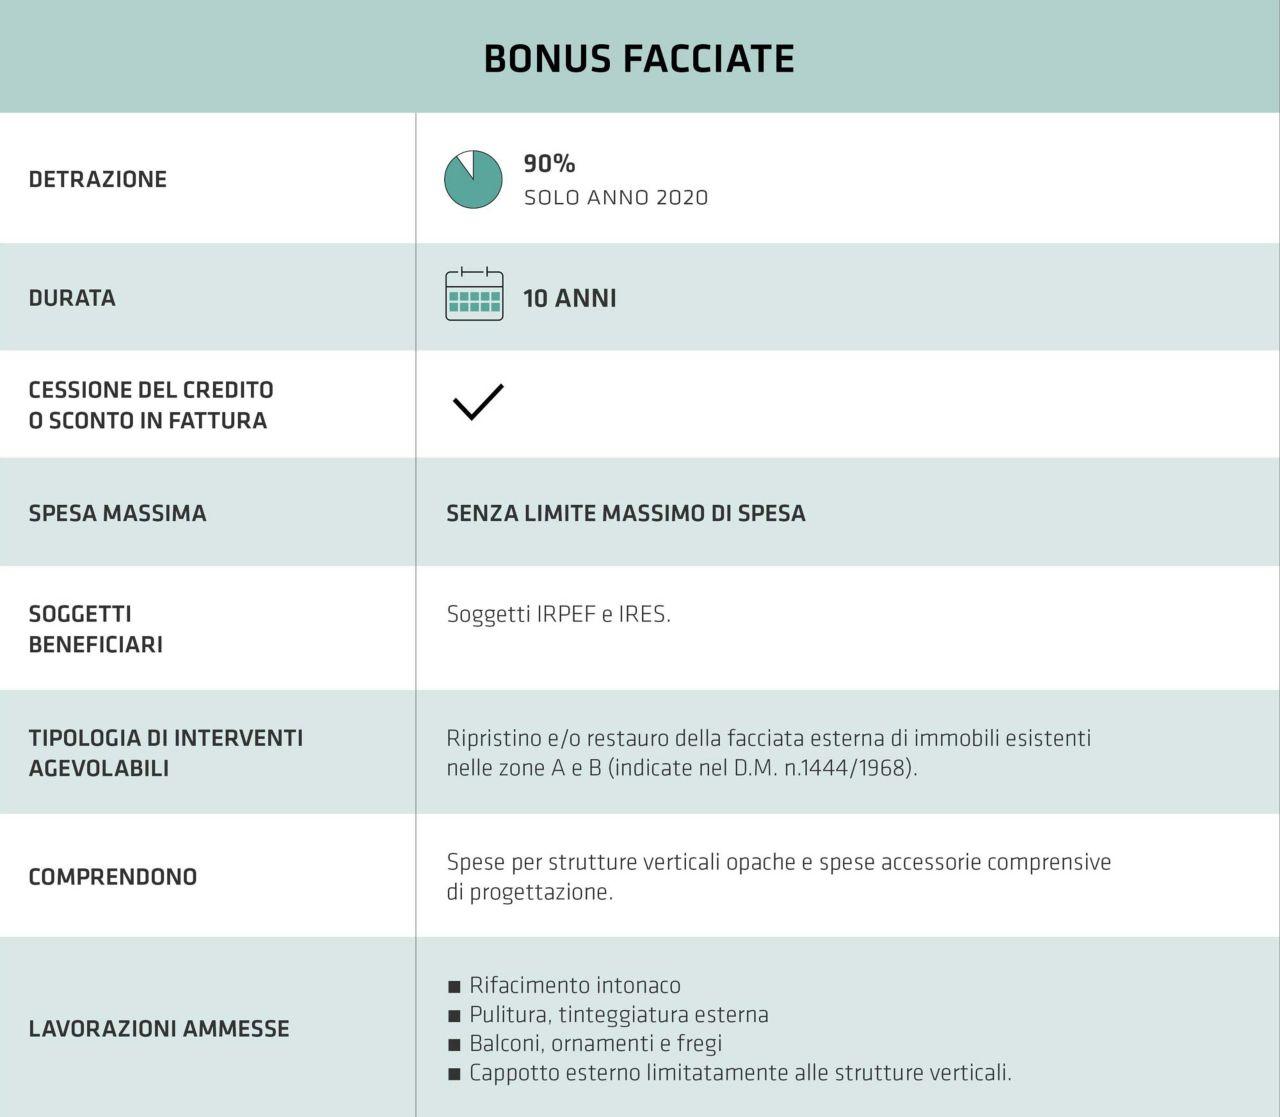 Tabella Guida Bonus Facciate